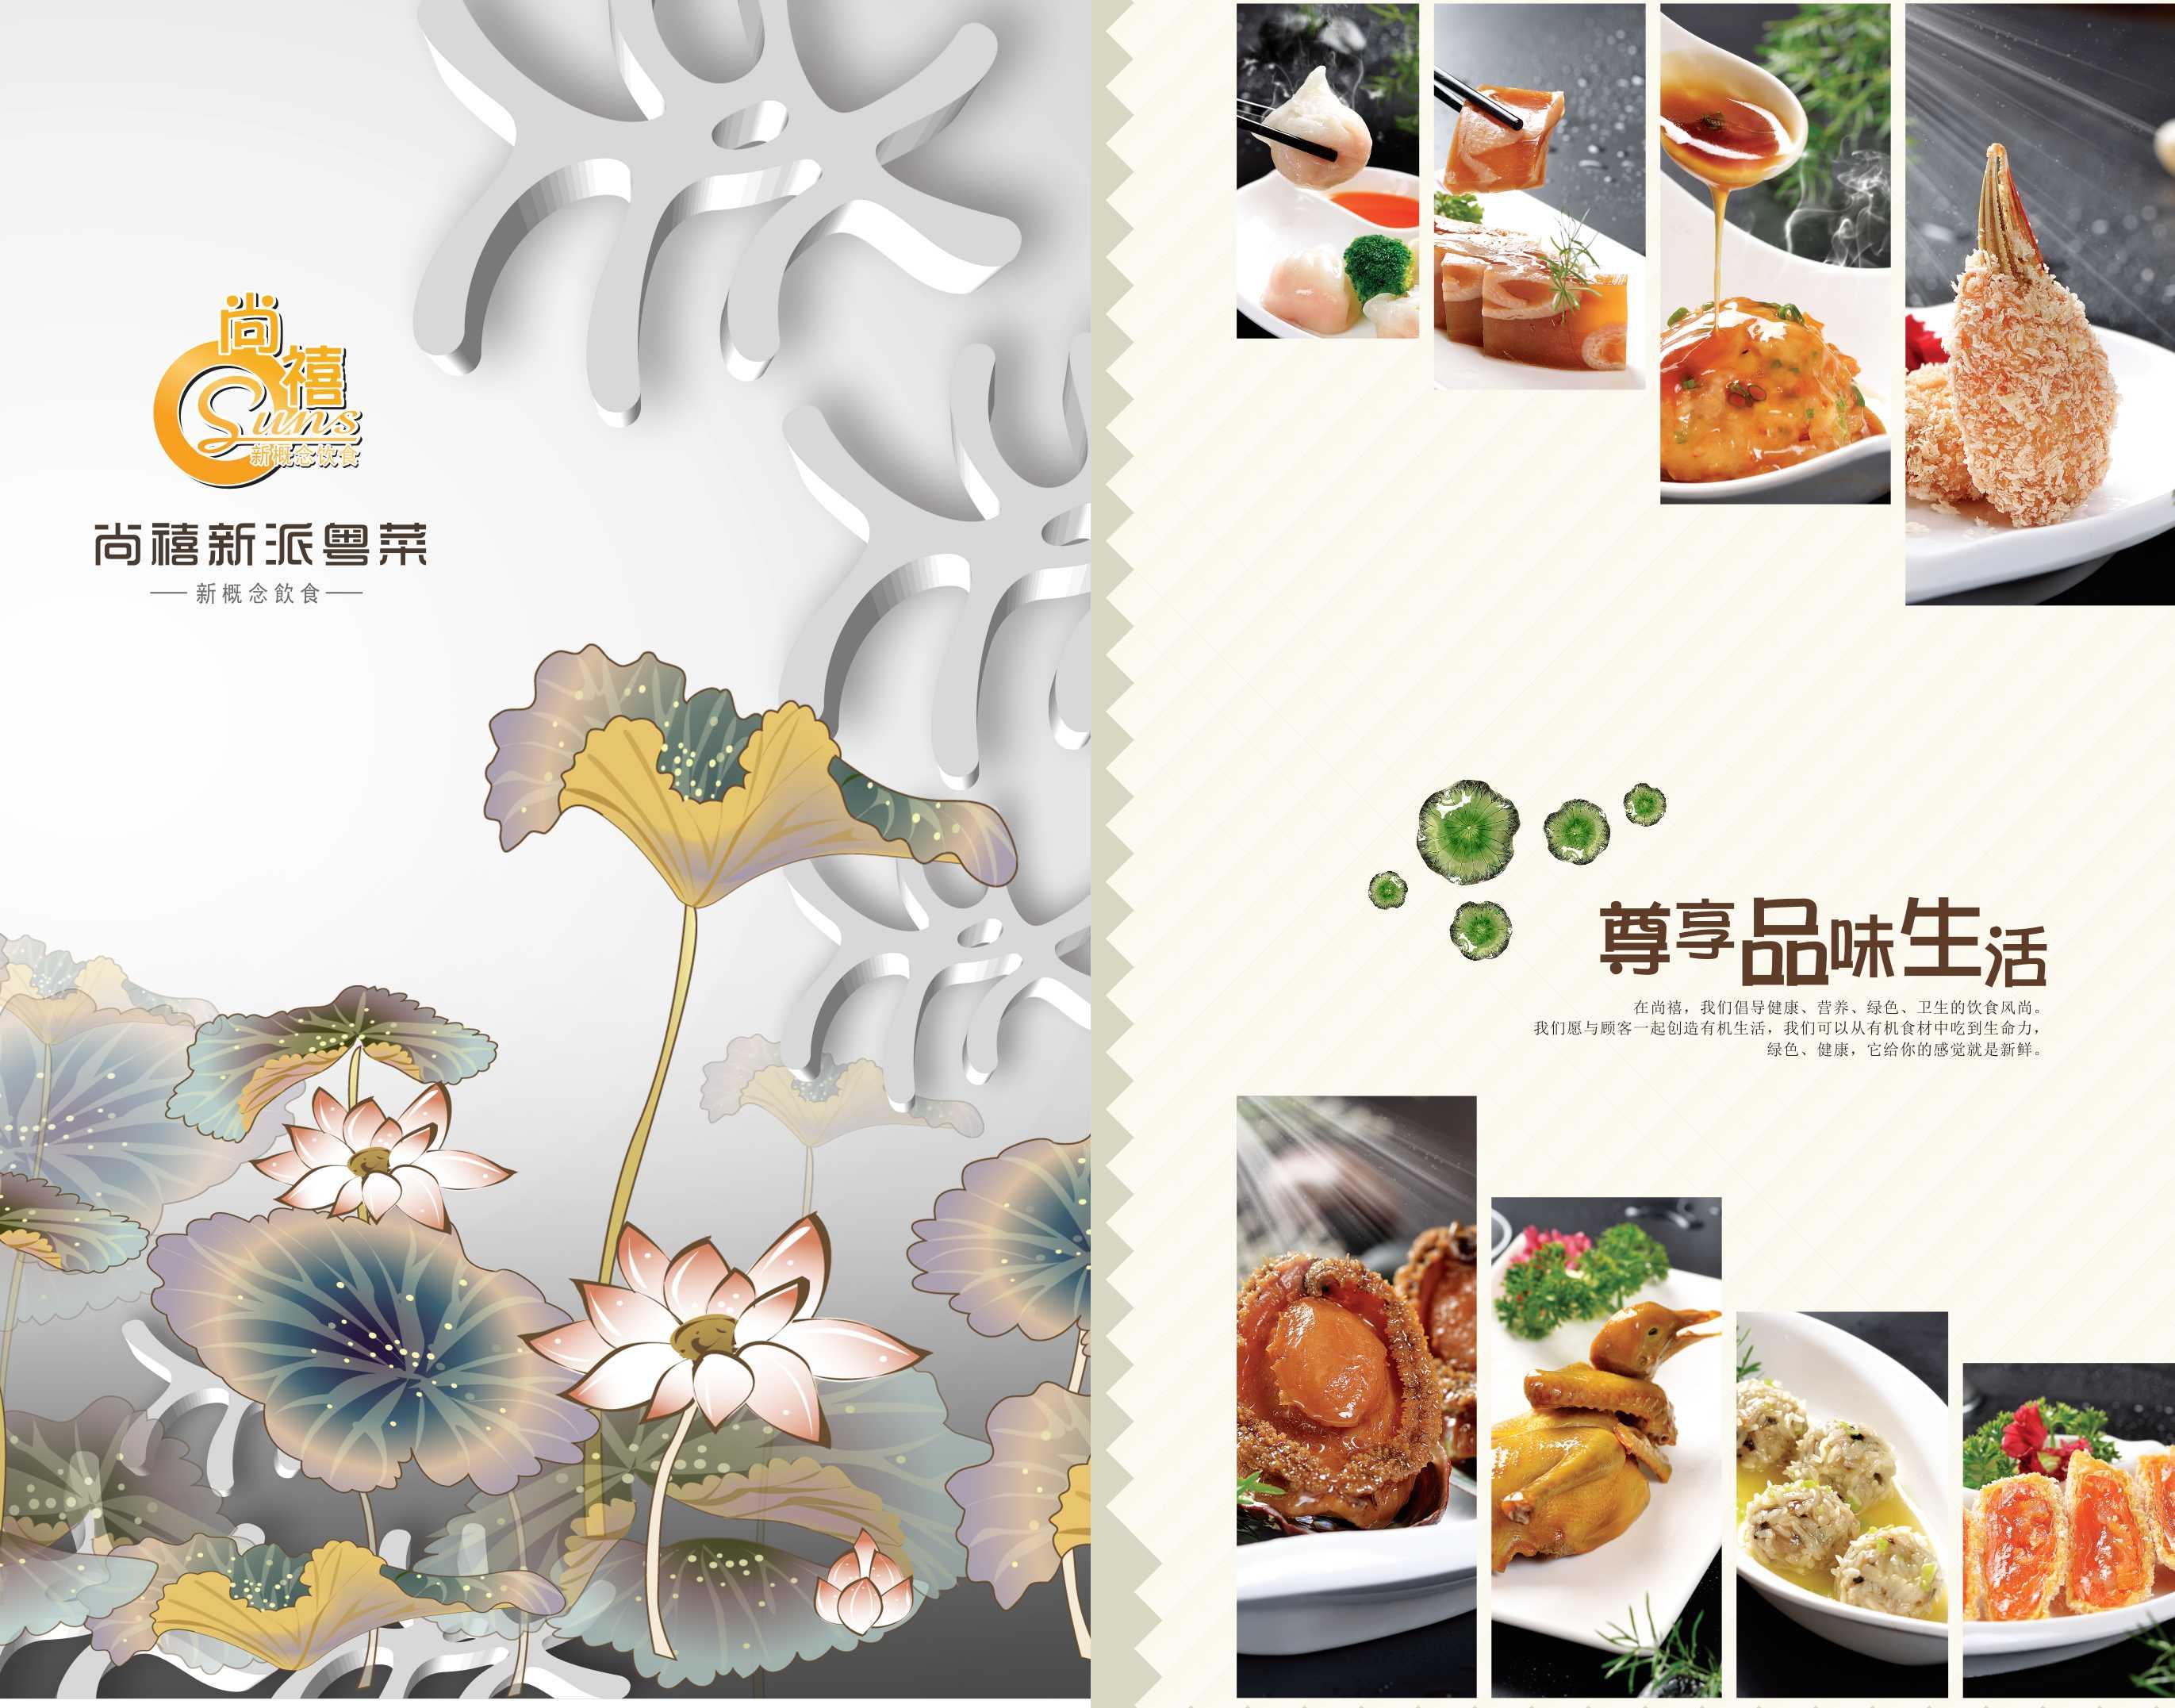 龙岗平湖创意点菜单设计印刷,湘菜餐厅创意菜谱定做